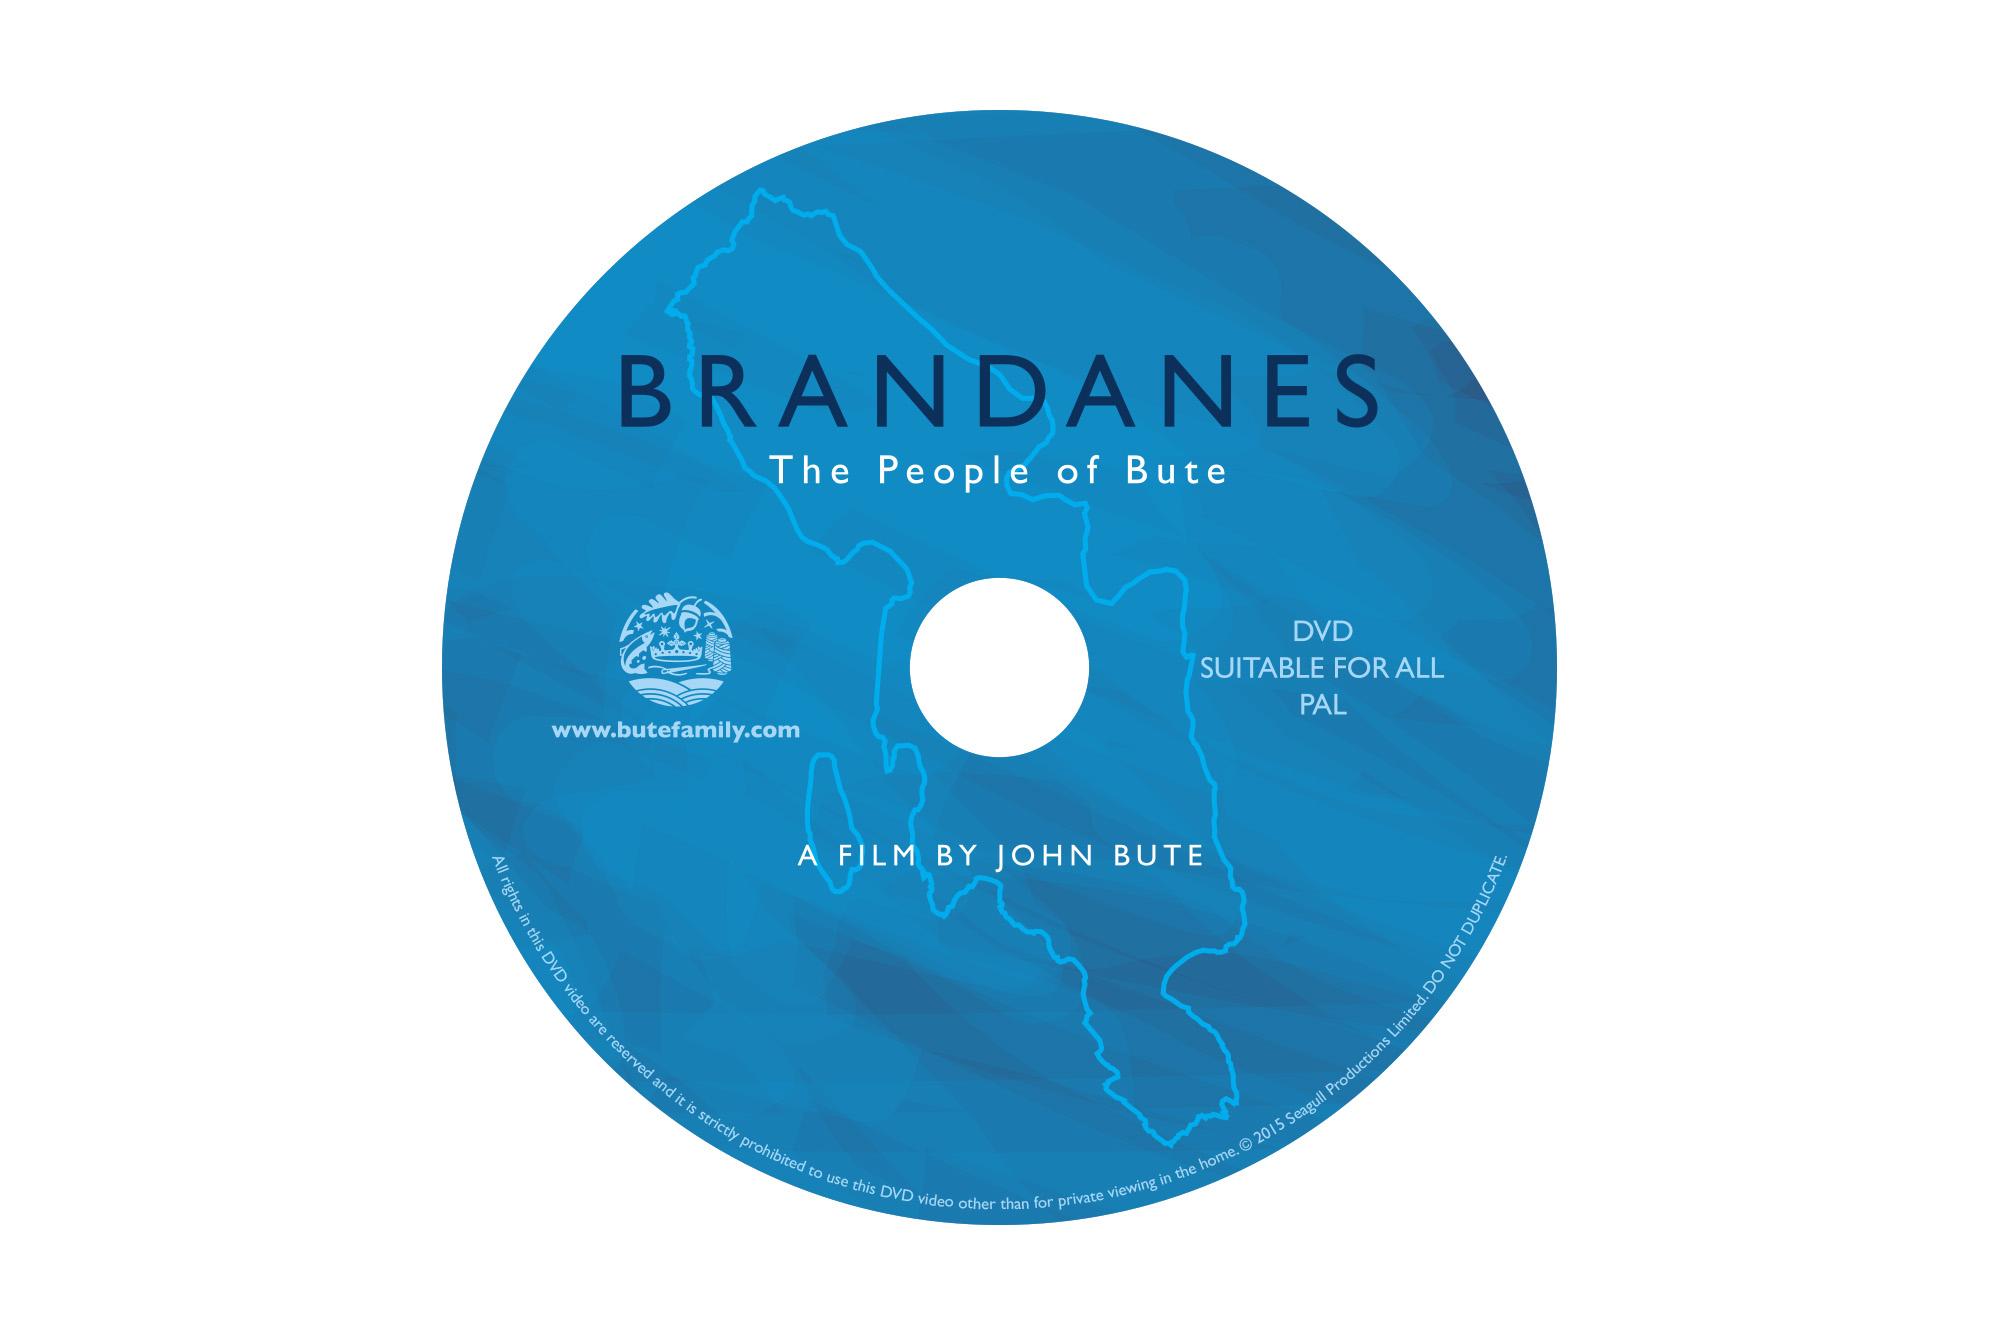 brandanes-dvd